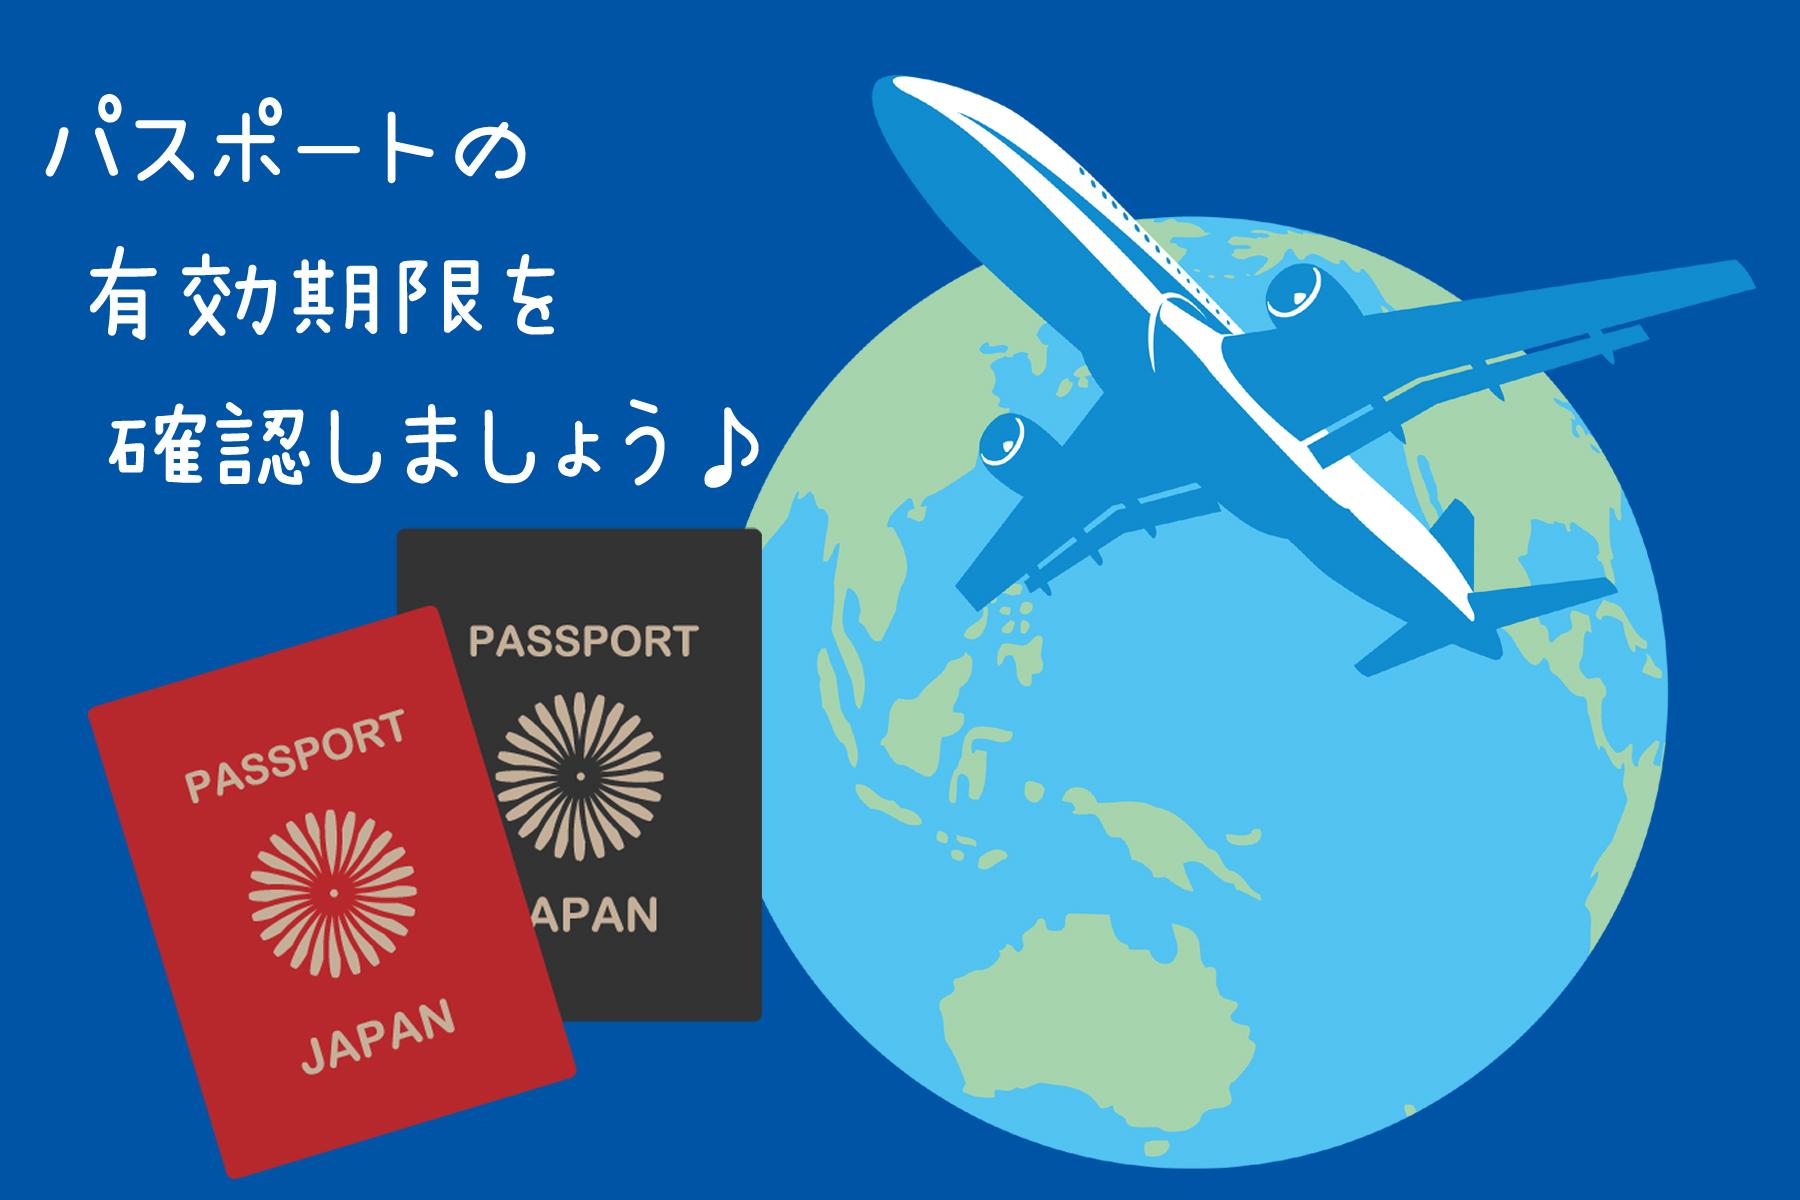 パスポートアイコン